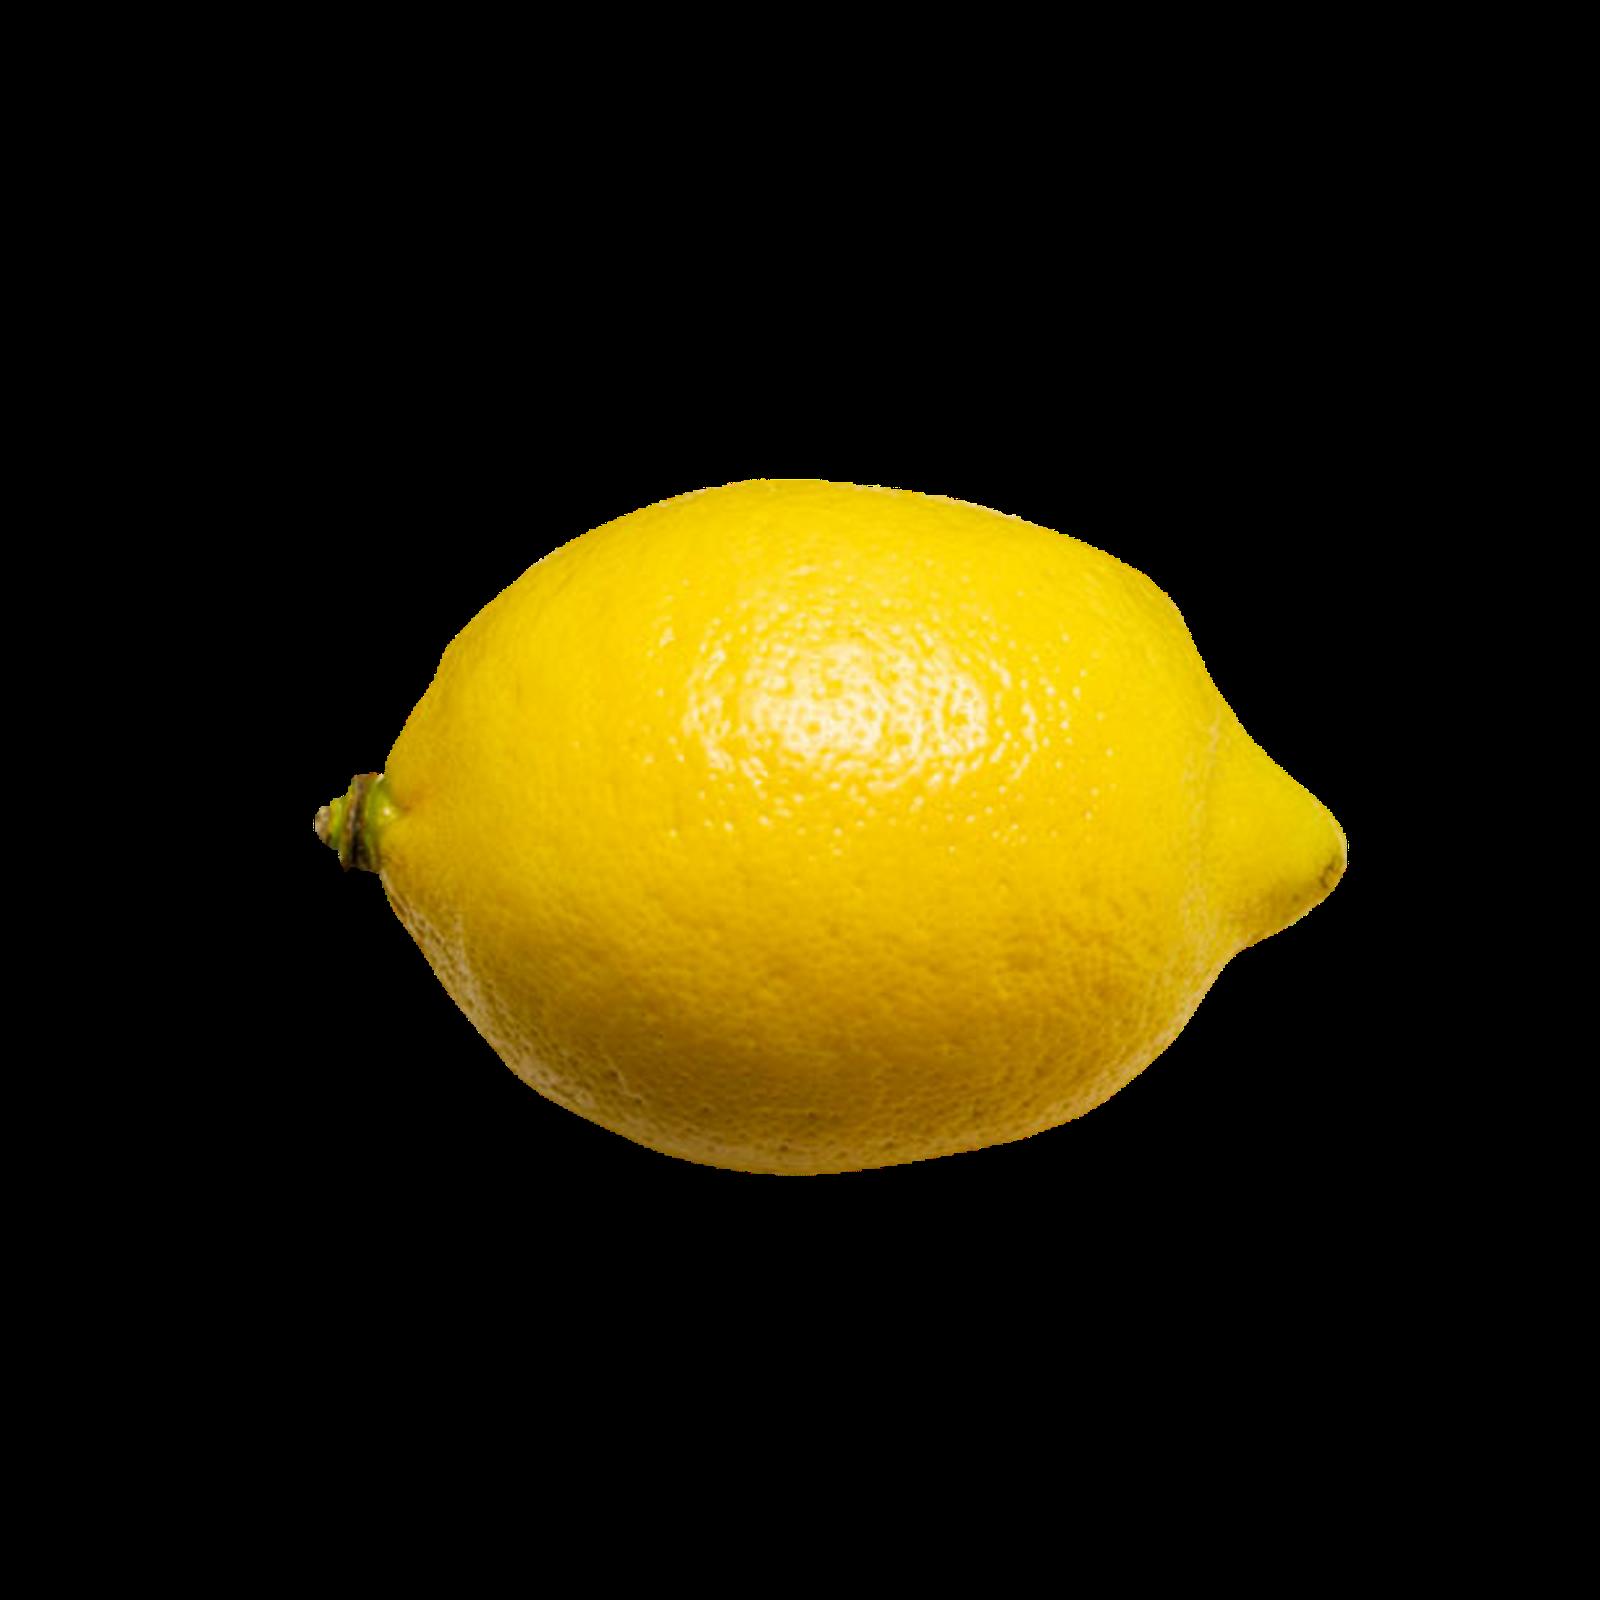 Лимон PNG фото